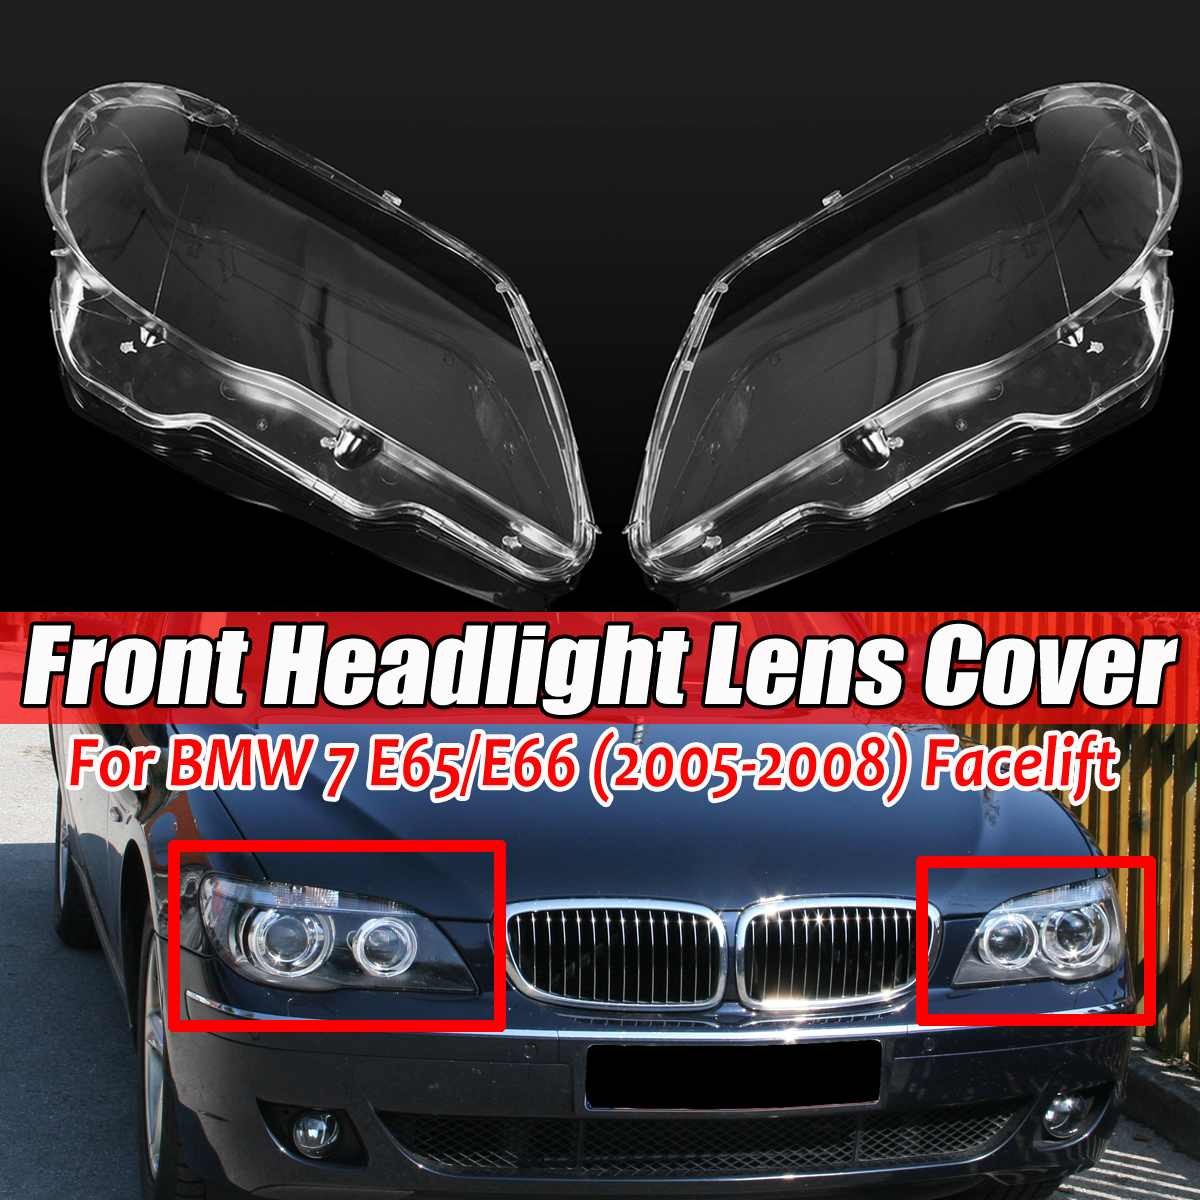 New Car Front Headlight Headlamp Lens Cover Shell For BMW 7 E65 E66 LCI 2005-2008 4769886123 Headlight Lense Cover Trim